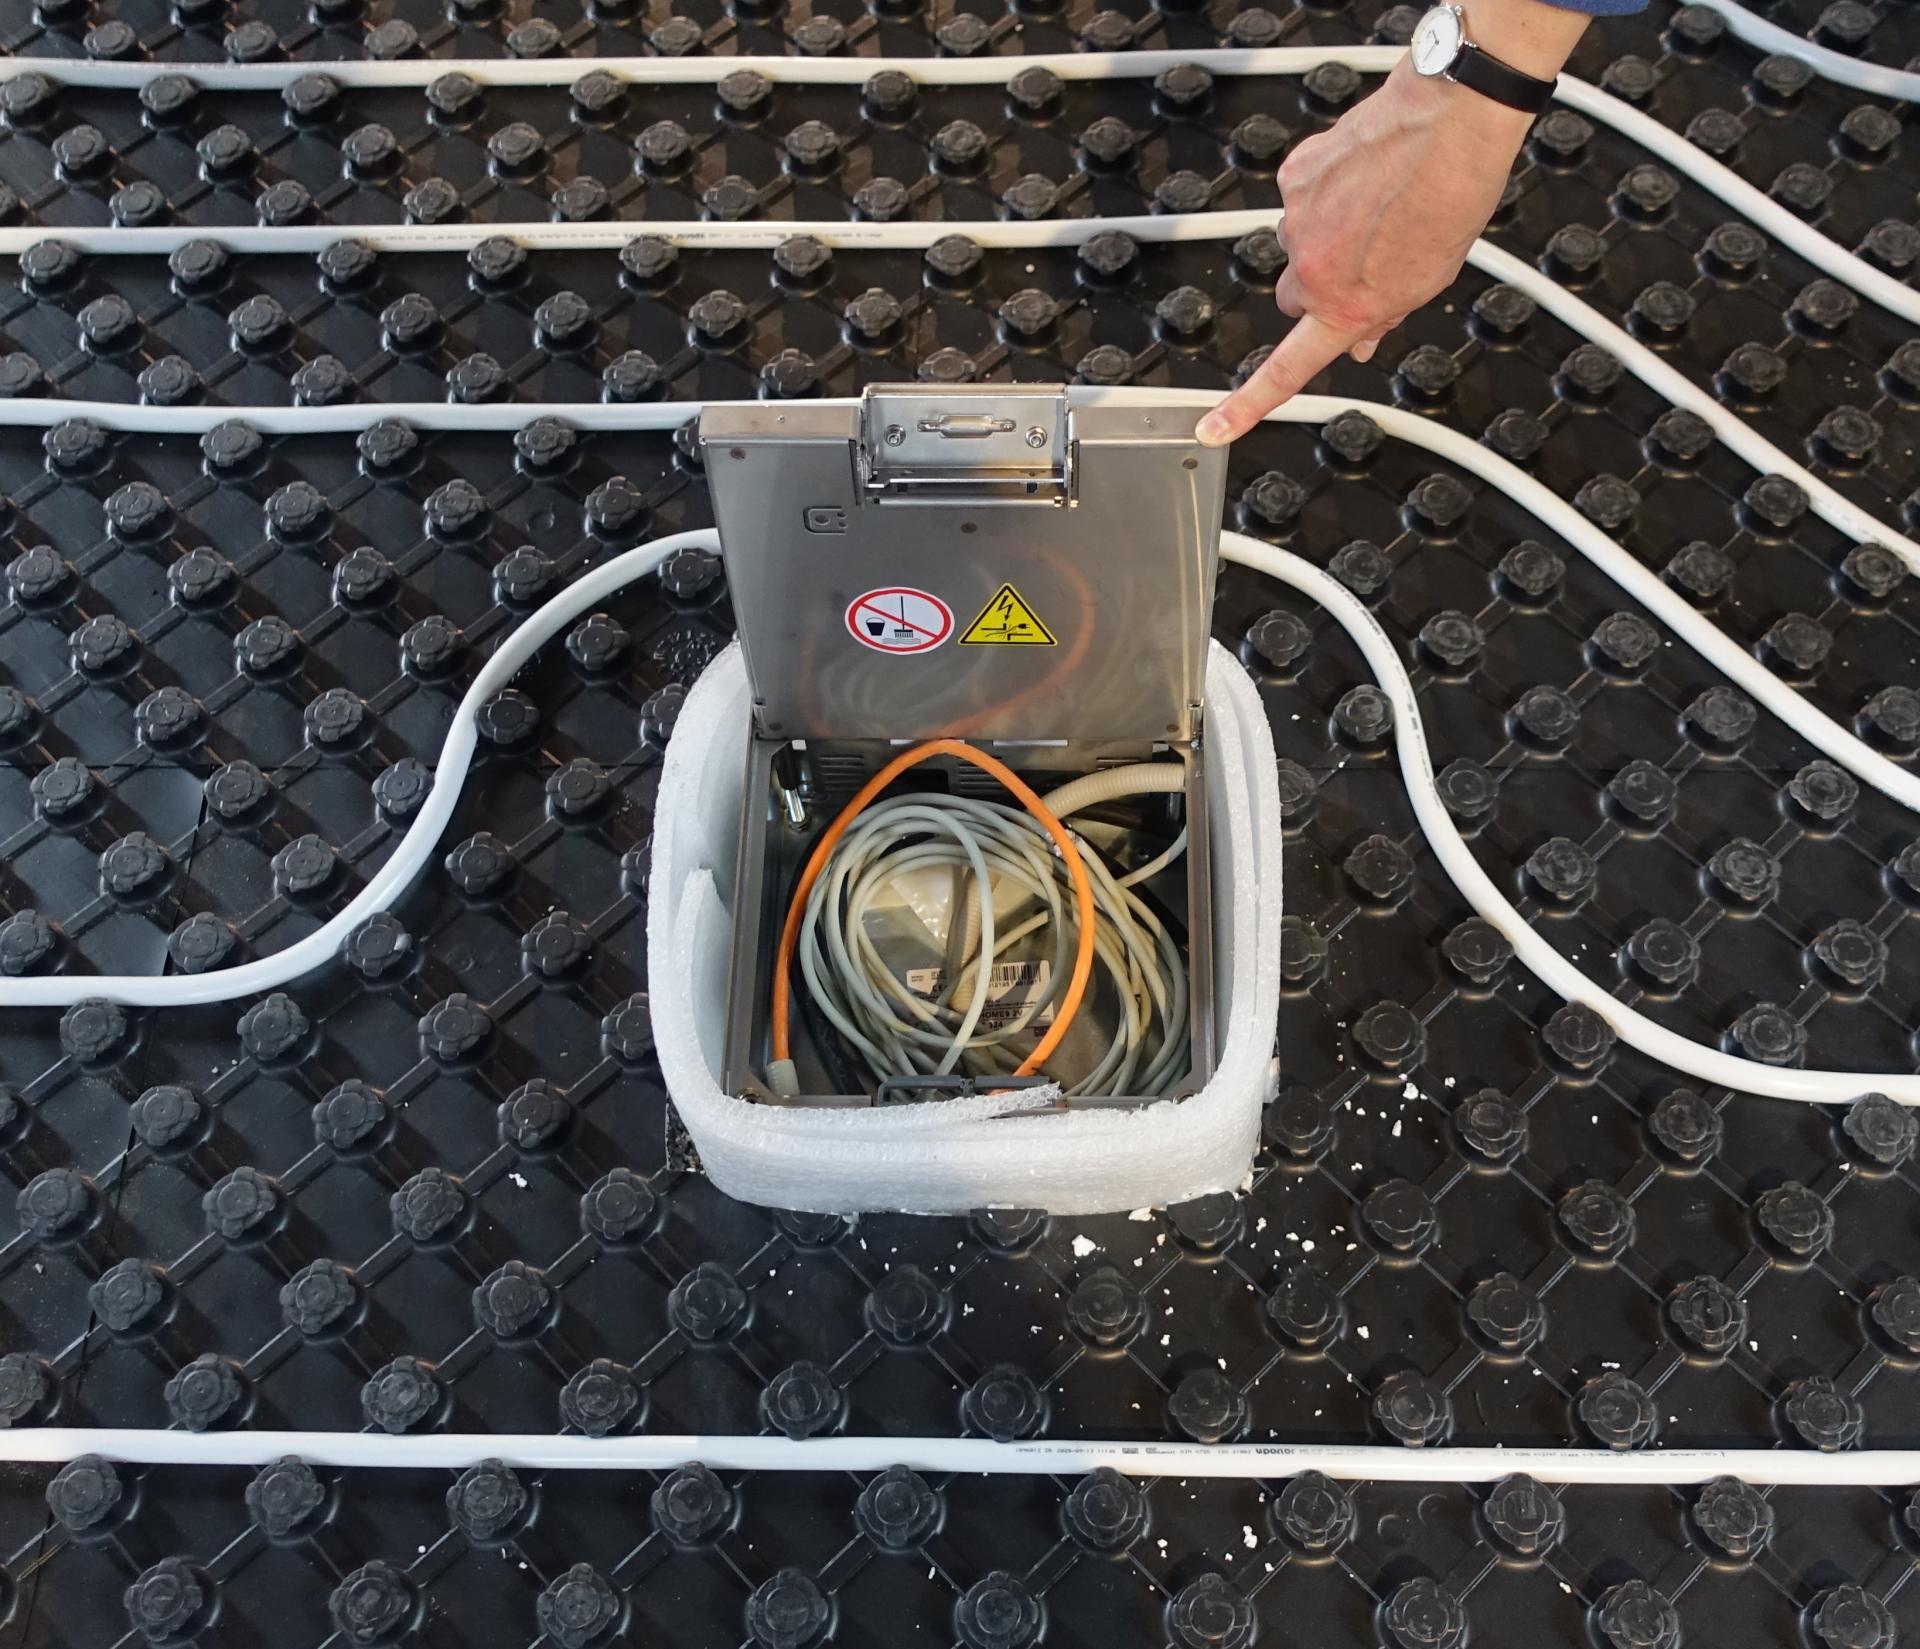 Bild 013 zeigt einen Bodentank mit diversen Anschlussmöglichkeiten